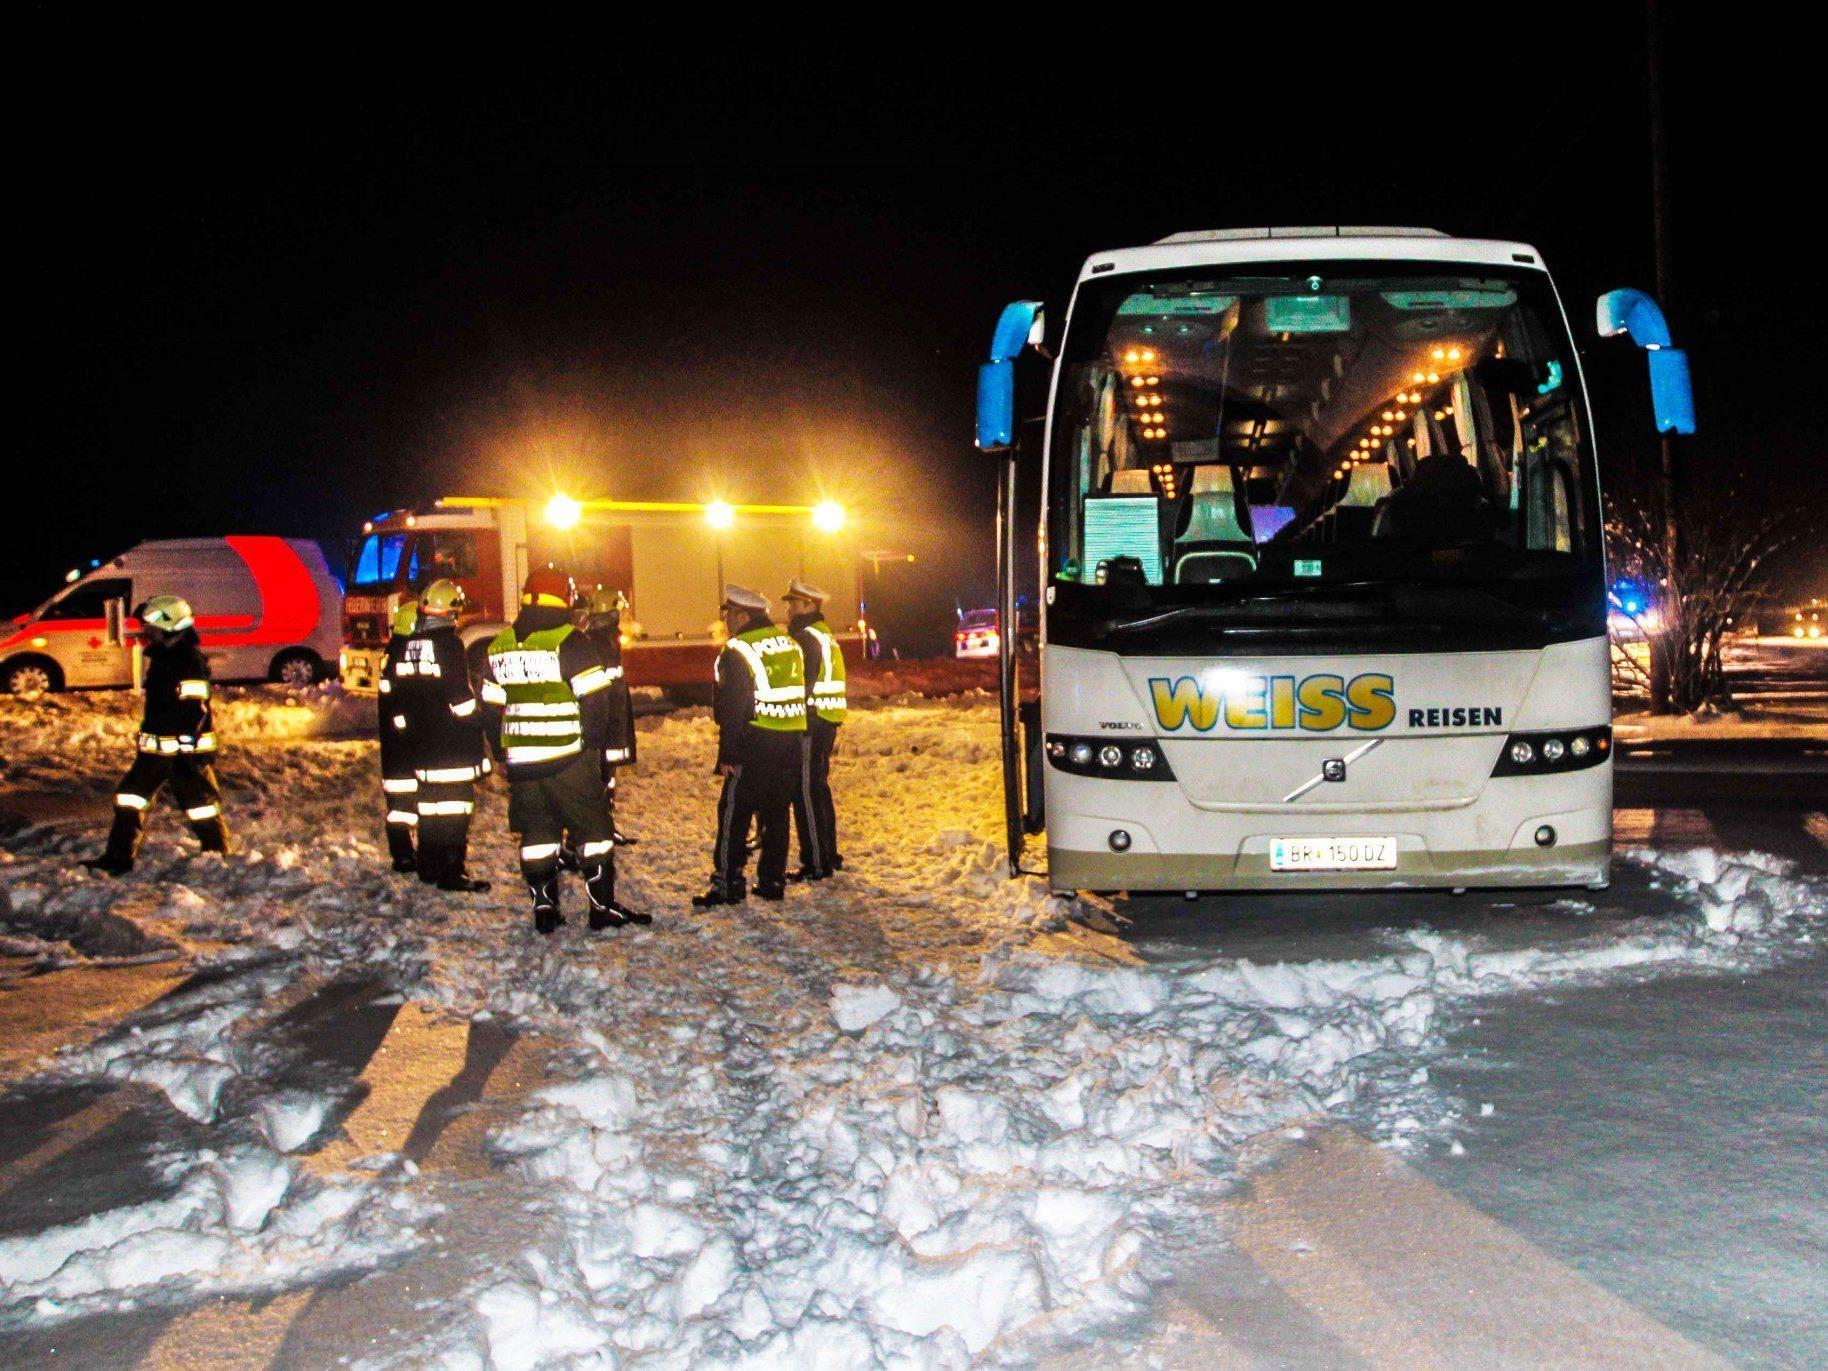 Der Reisebuslenker erlitt während der Fahrt einen tödlichen Herzinfarkt.